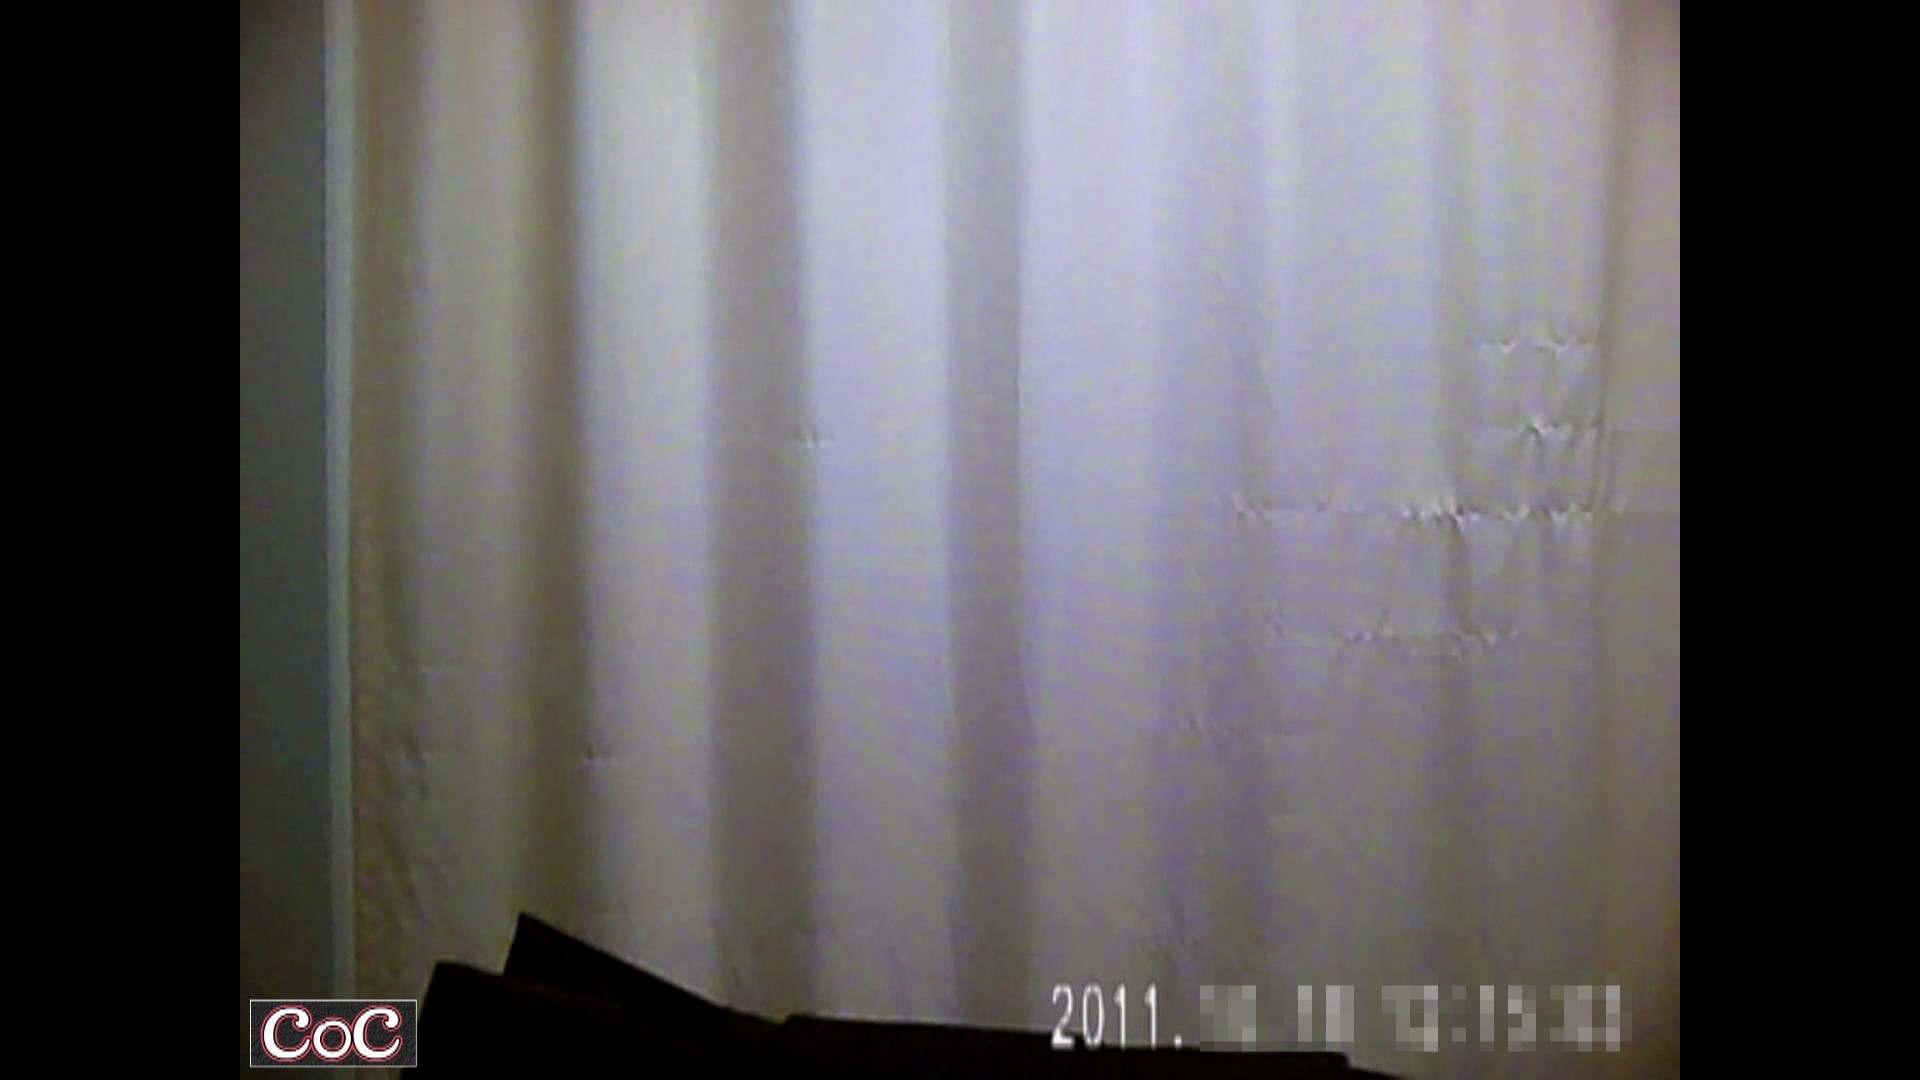 病院おもいっきり着替え! vol.62 OLセックス 隠し撮りオマンコ動画紹介 98画像 2